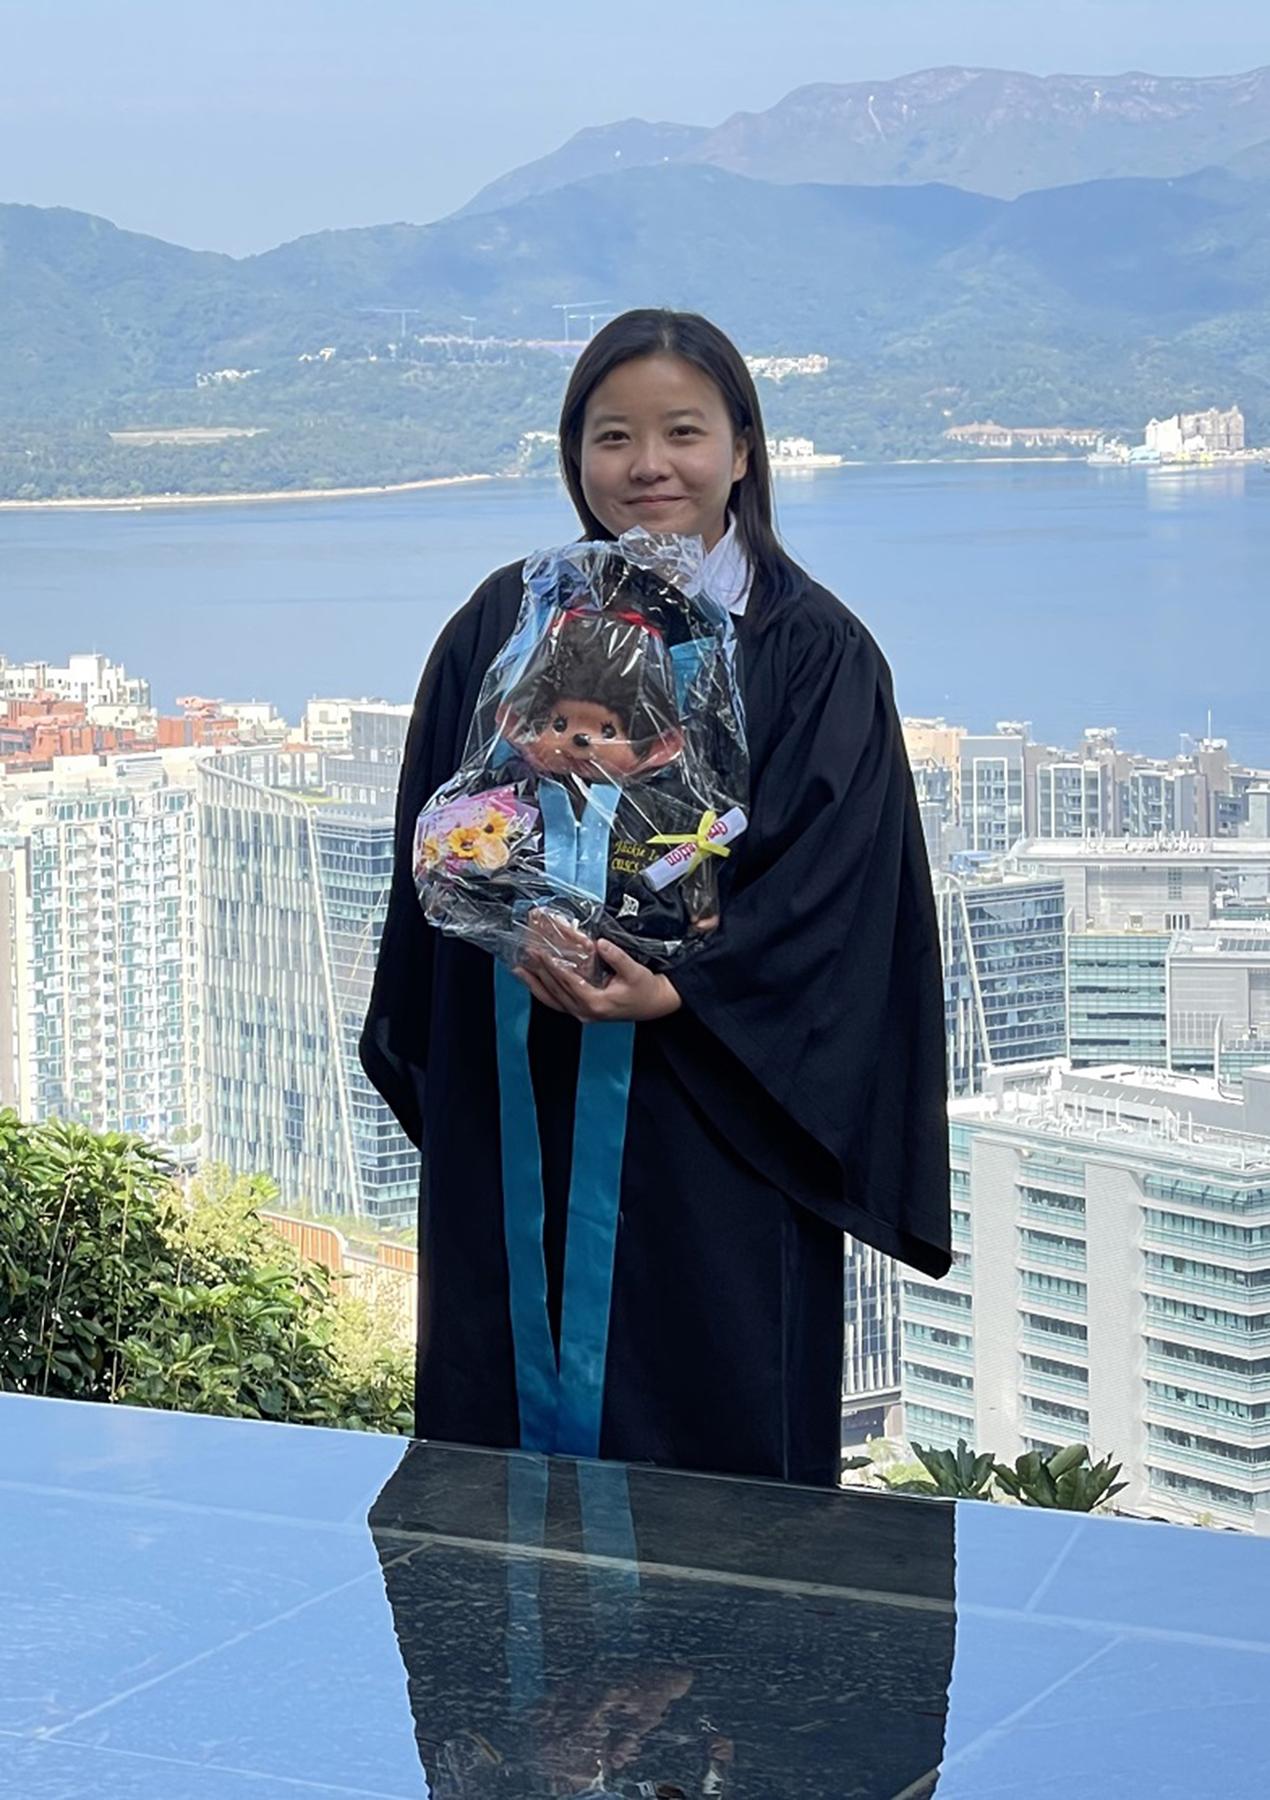 麗荷現正修讀學位課程,希望進一步裝備自己。